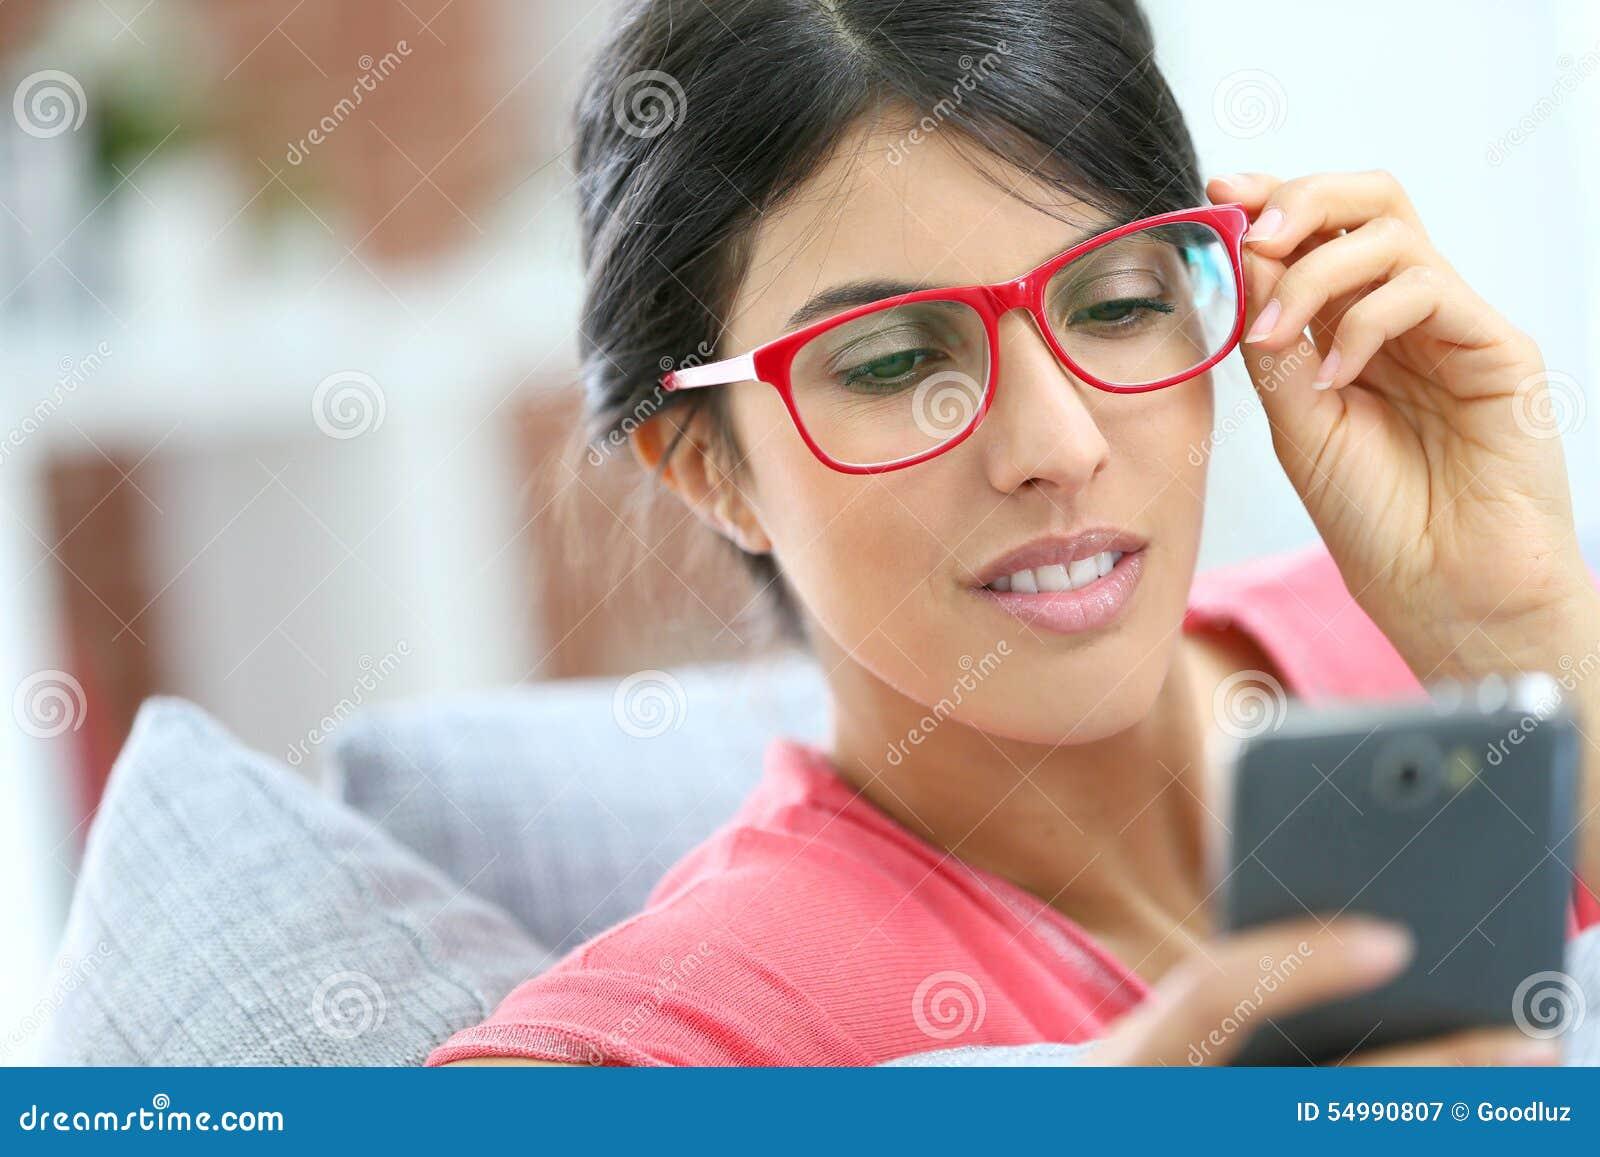 Retrato de la mujer joven elegante que usa smartphone